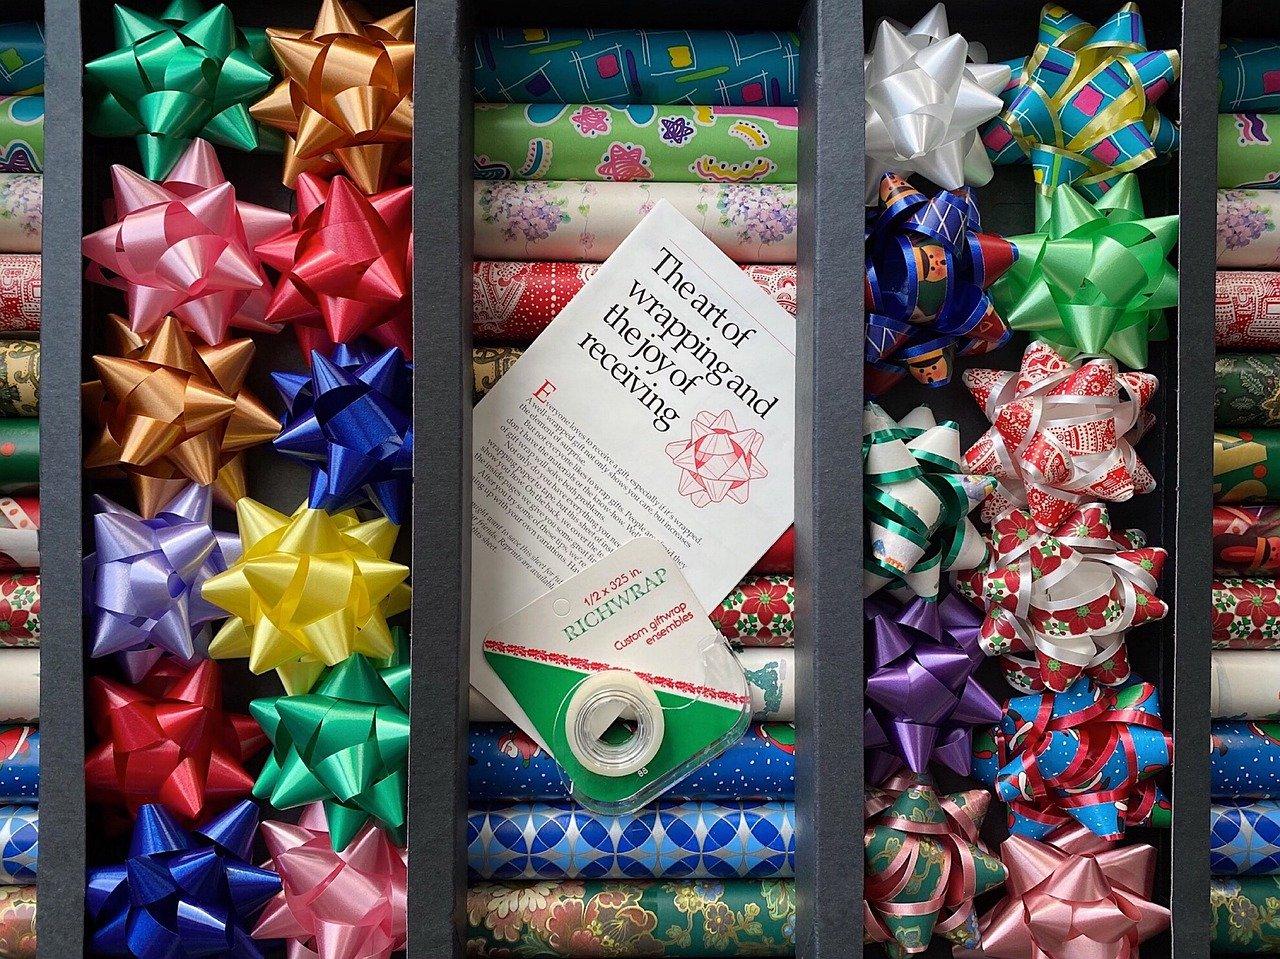 【ラッピング】簡単でかわいい巻き方でプレゼントをおしゃれに!扇形・ピーコックなど